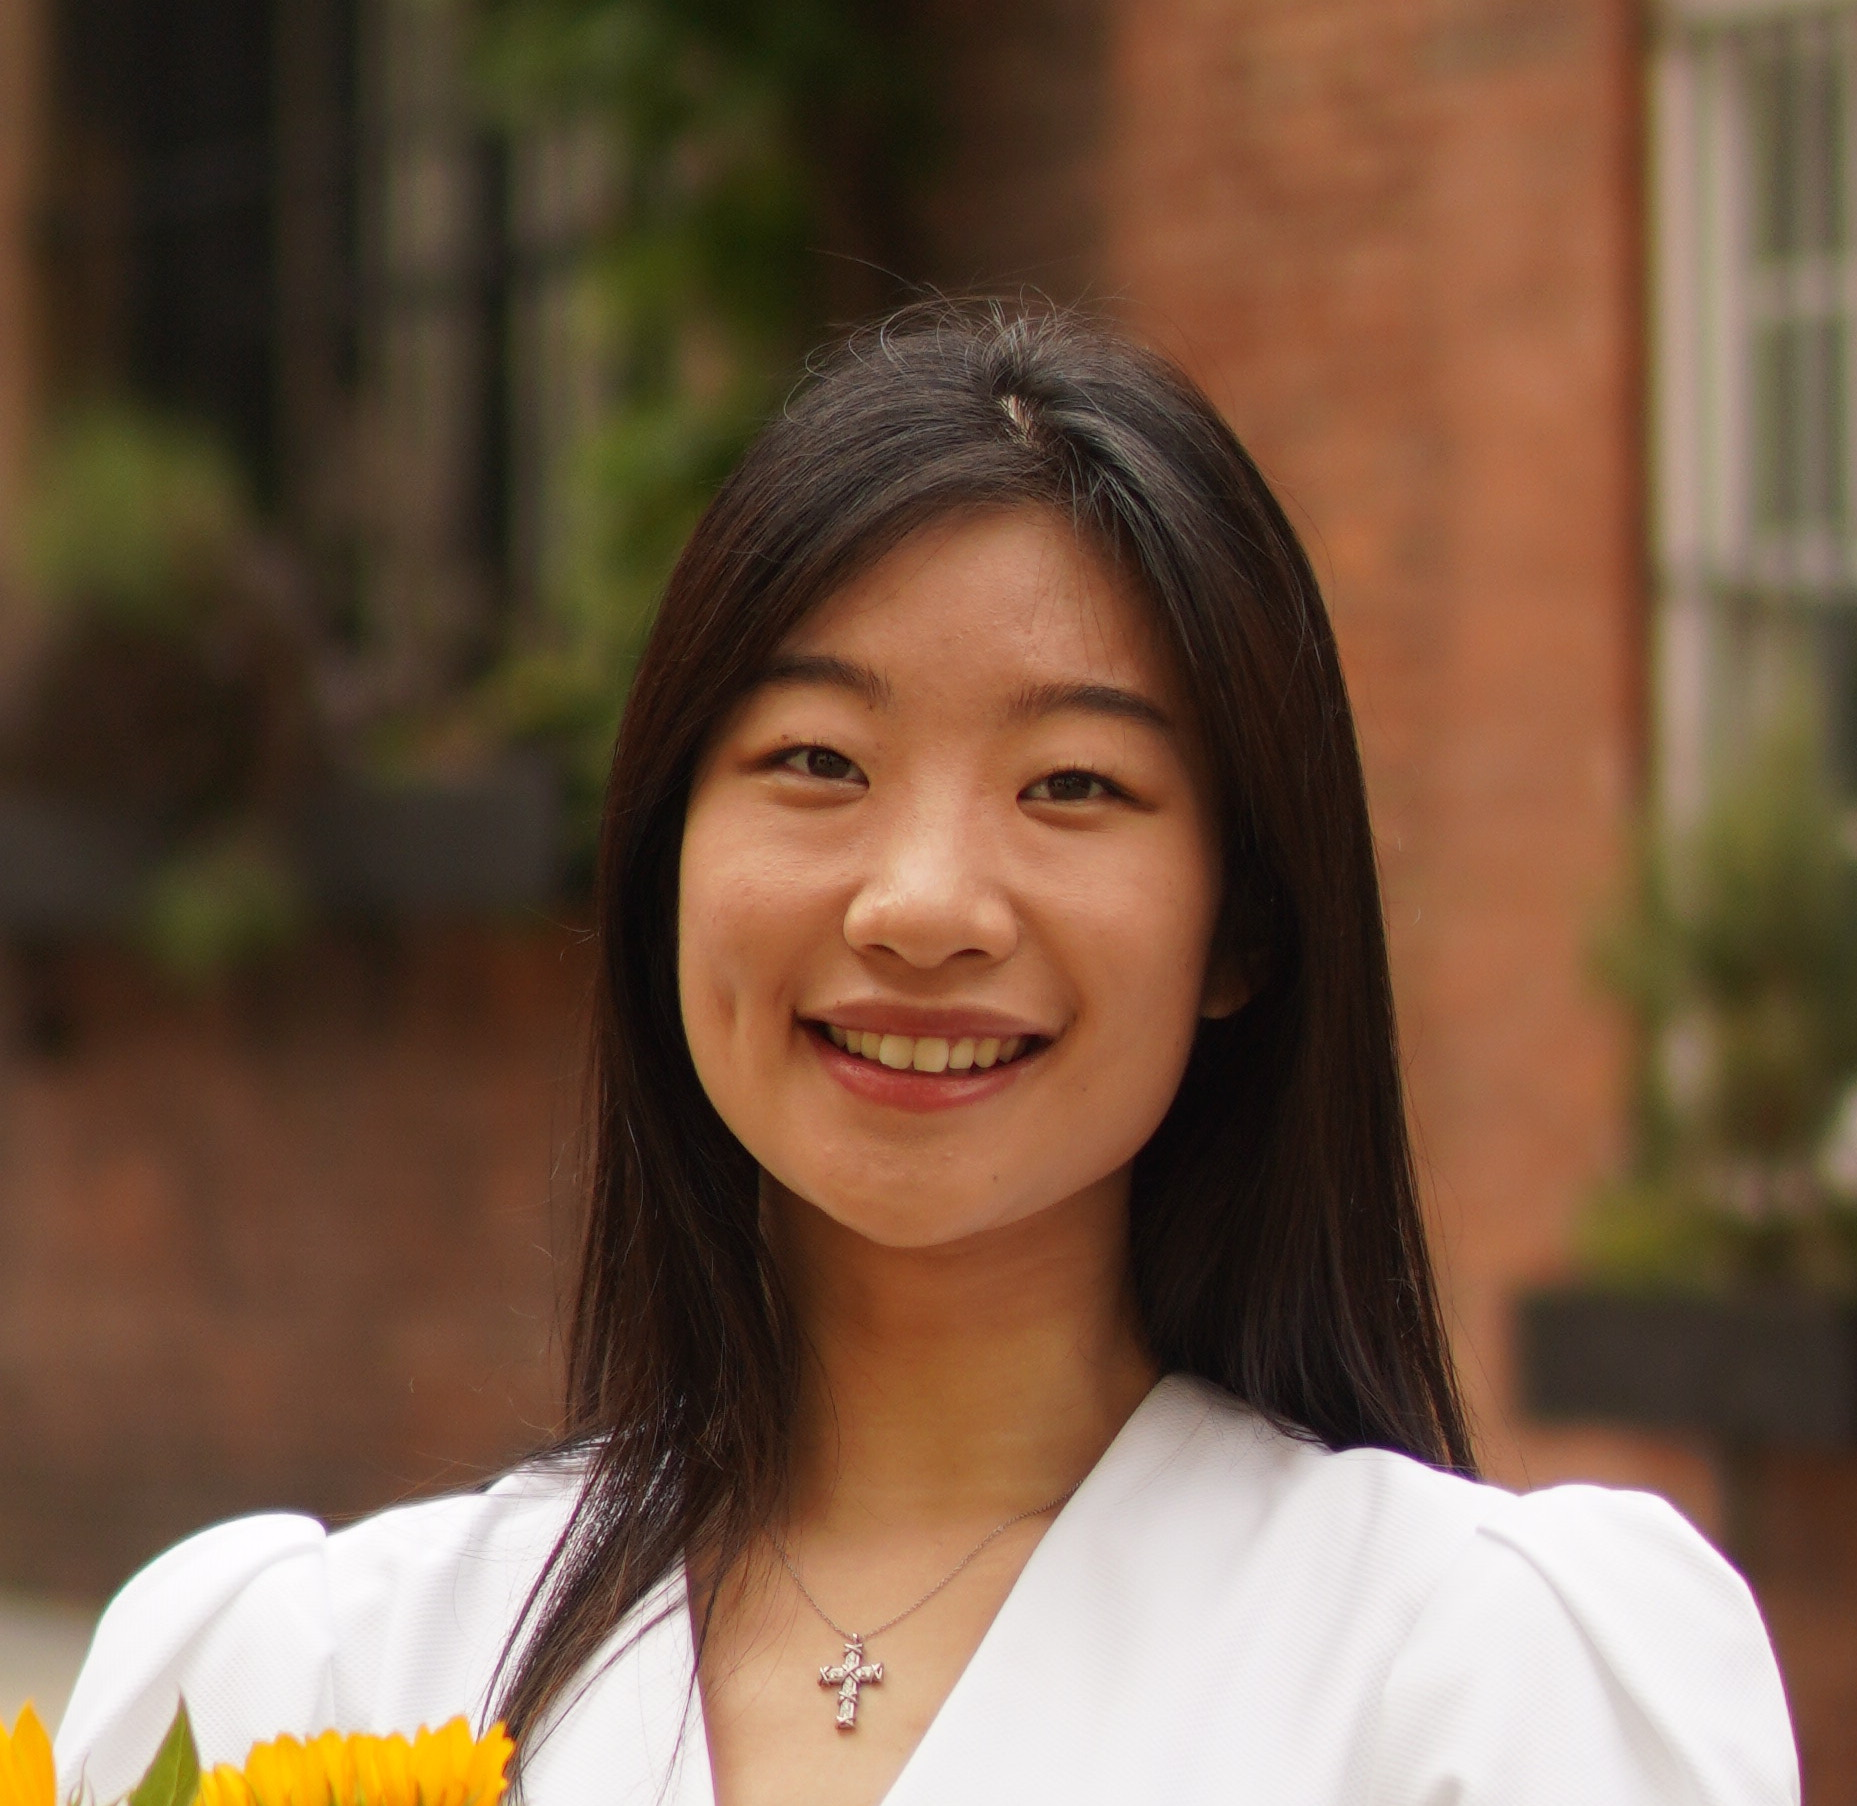 Sunnie Zhang